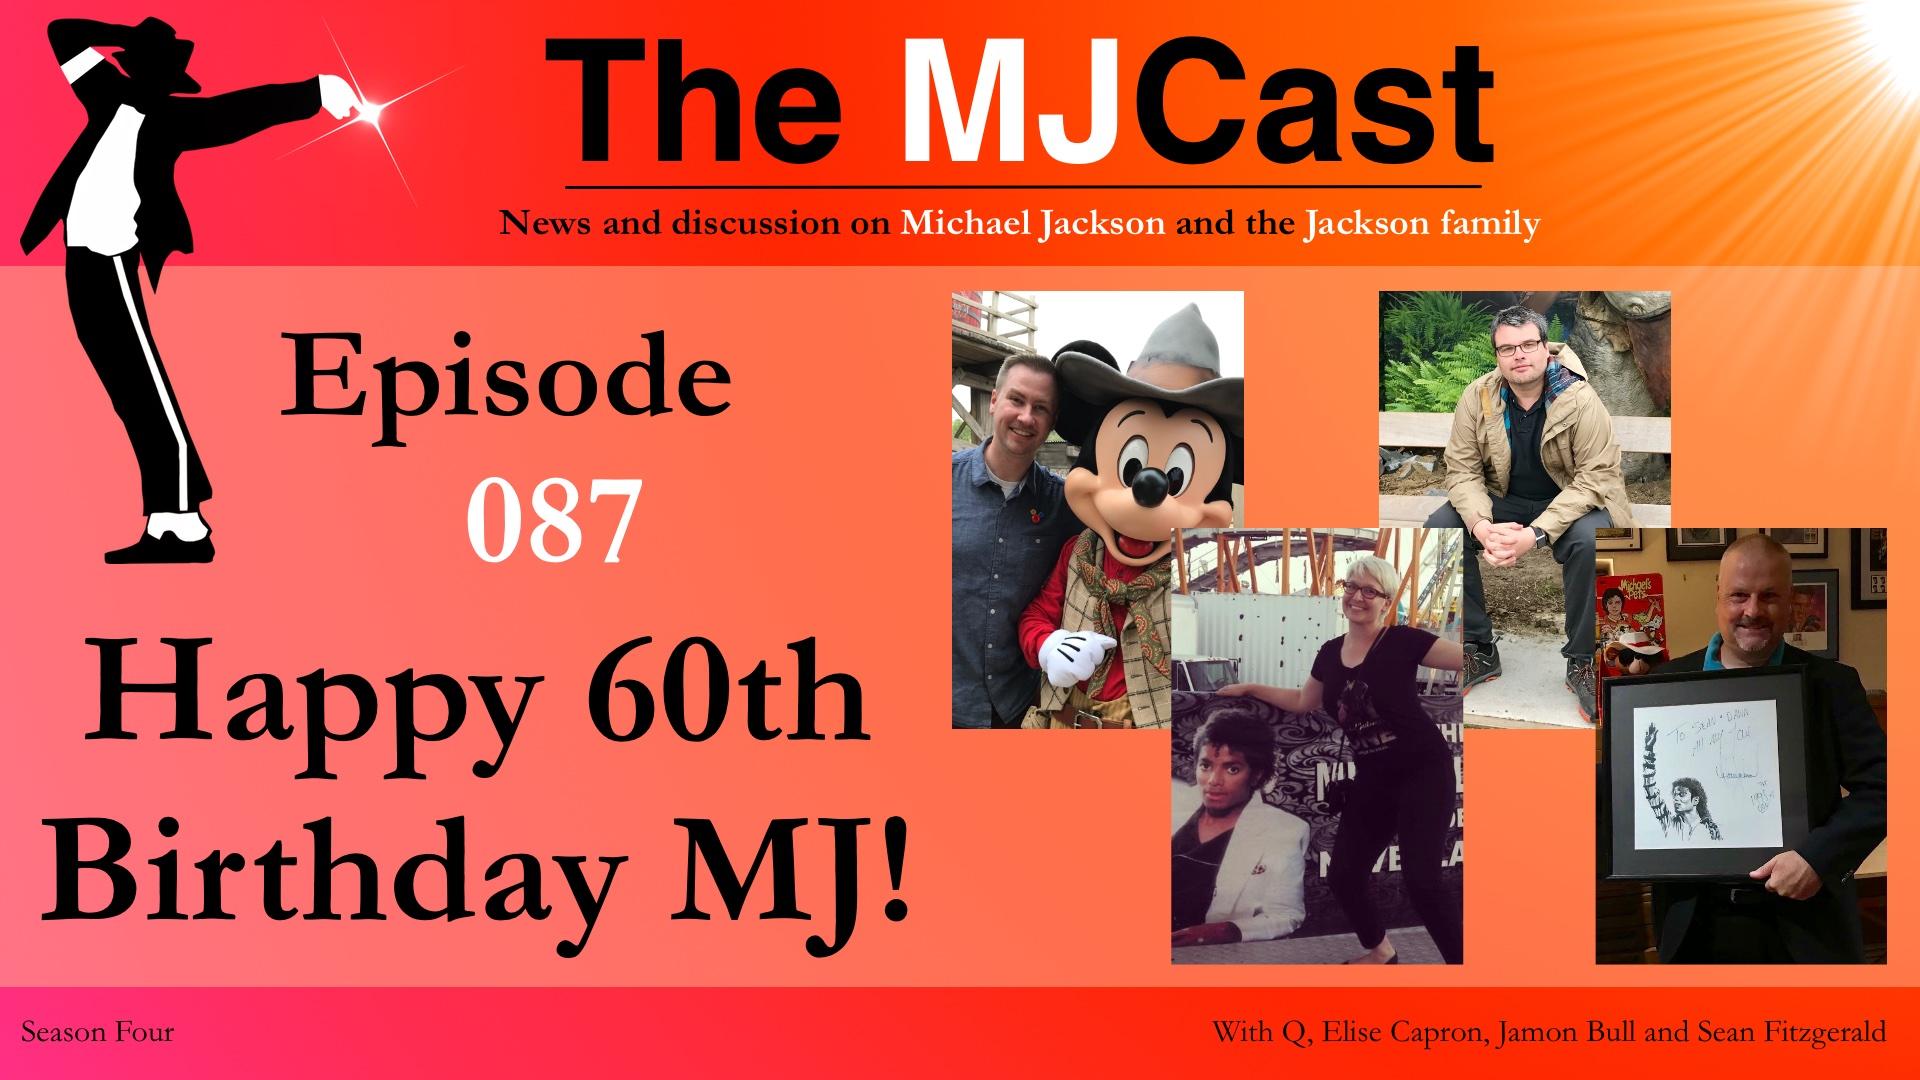 The MJCast - A Michael Jackson Podcast | Podbay